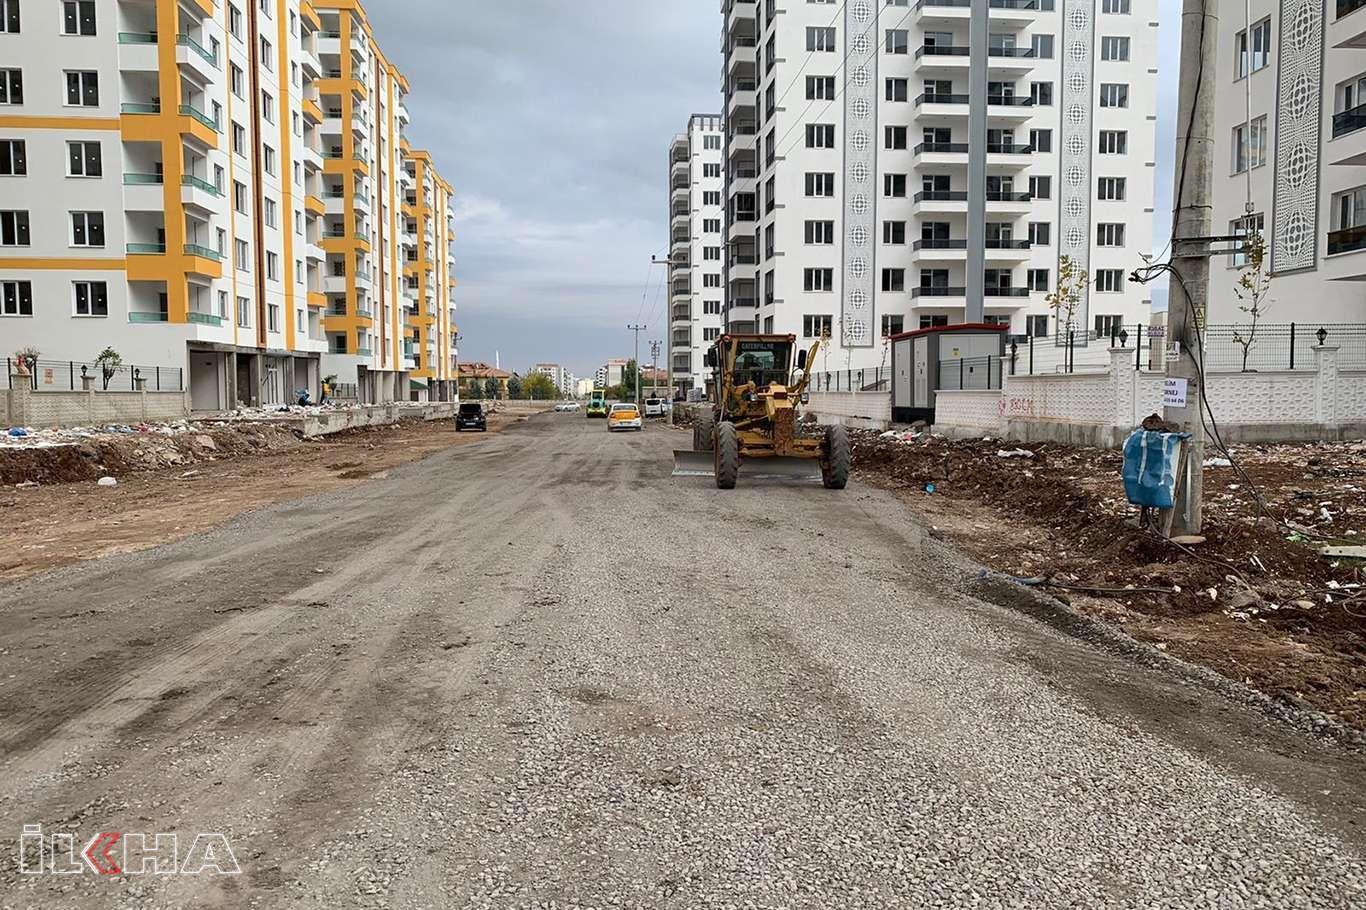 Bağlar belediyesi asfalt çalışmalarına devam ediyor